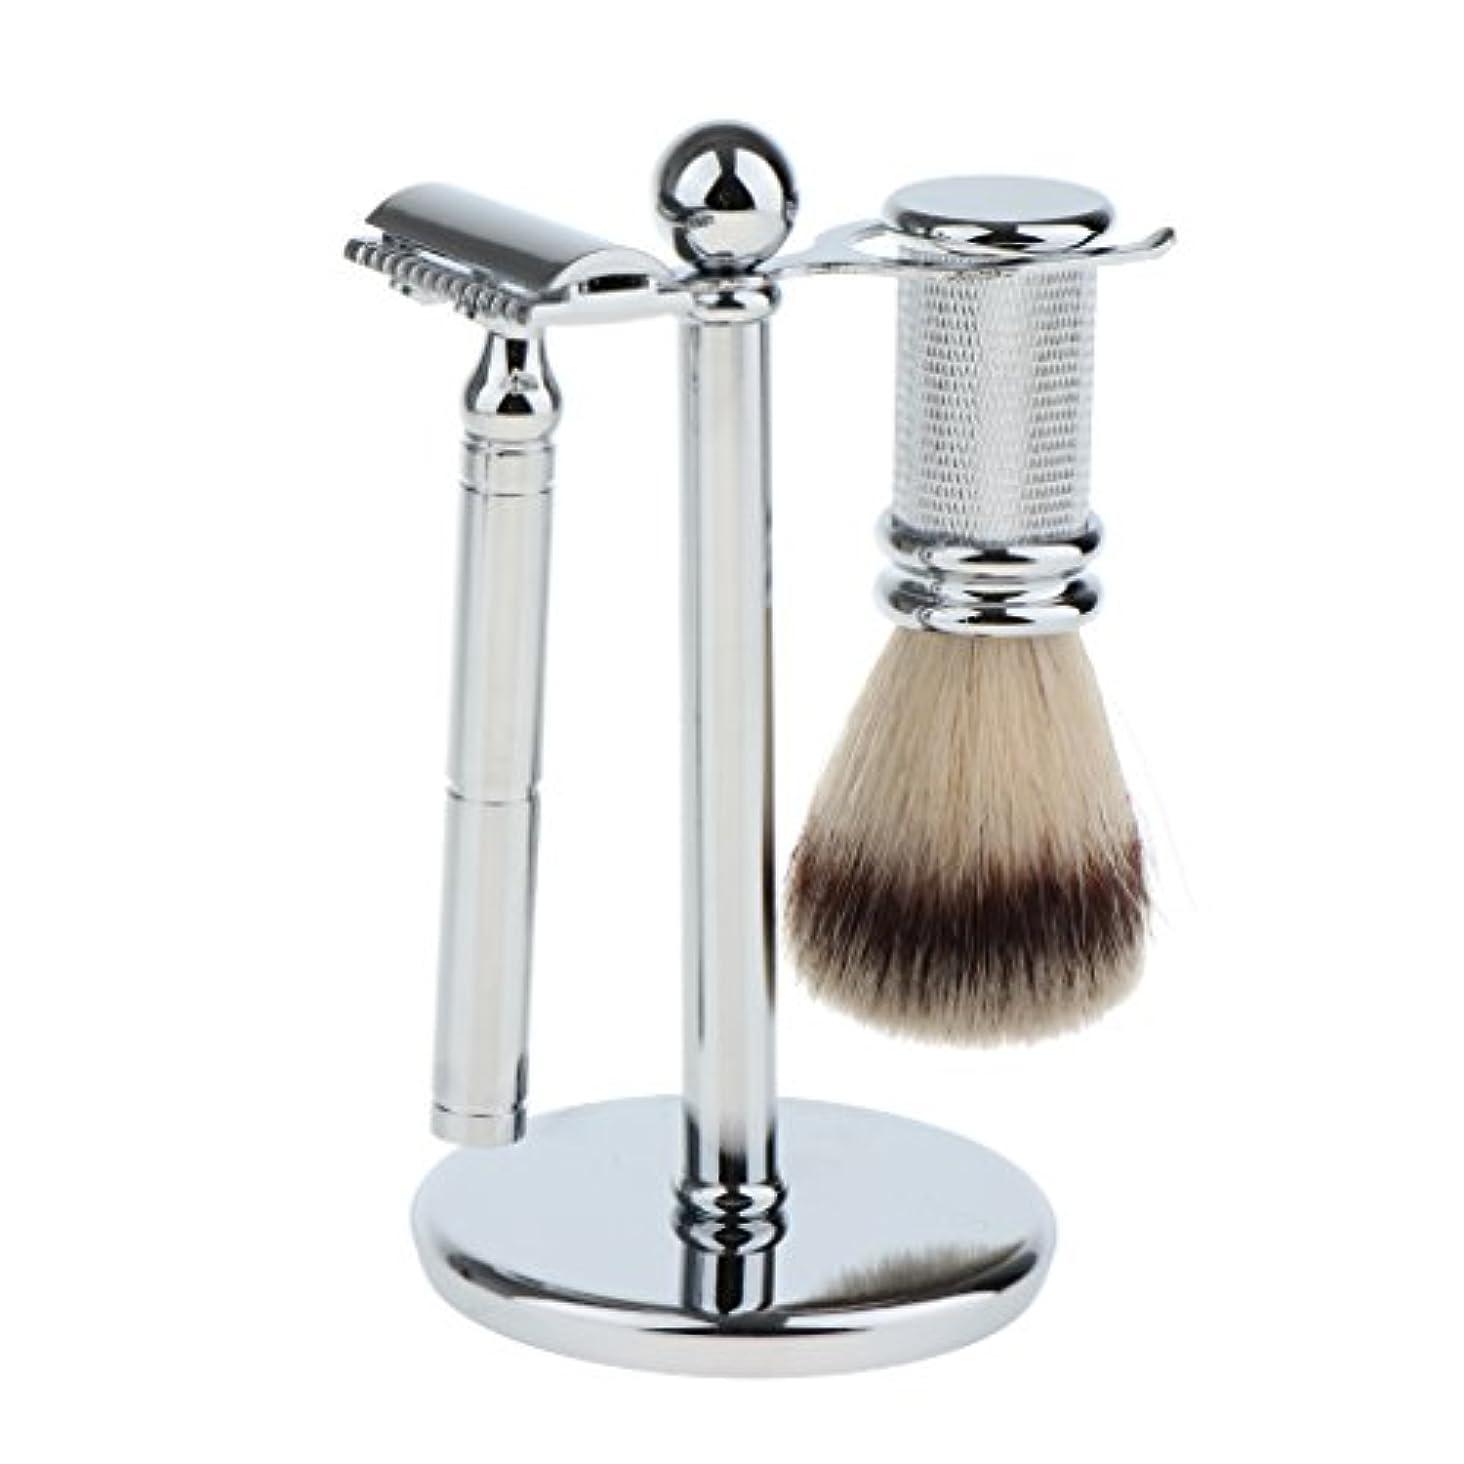 不公平シール倒産Fenteer スタンド ブラシ マニュアルシェーバー 3本セット 男性用 シェービング ブラシスタンド ダブルエッジ 剃刀